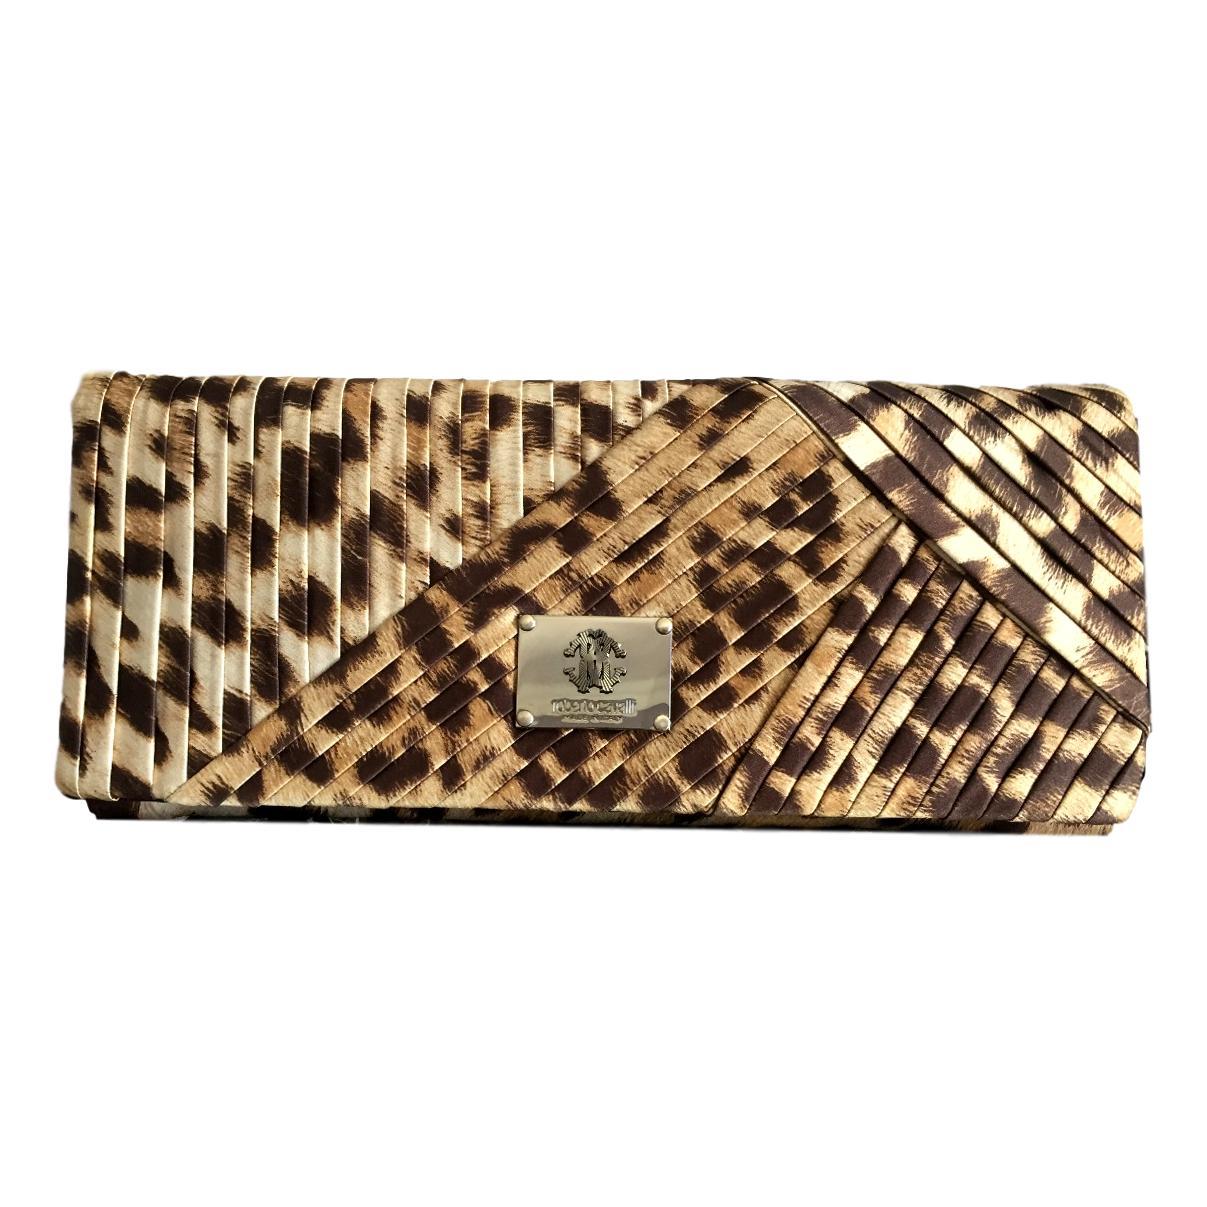 7a5495563277 Купить клатч Roberto Cavalli за 12700 руб. в интернет магазине ...